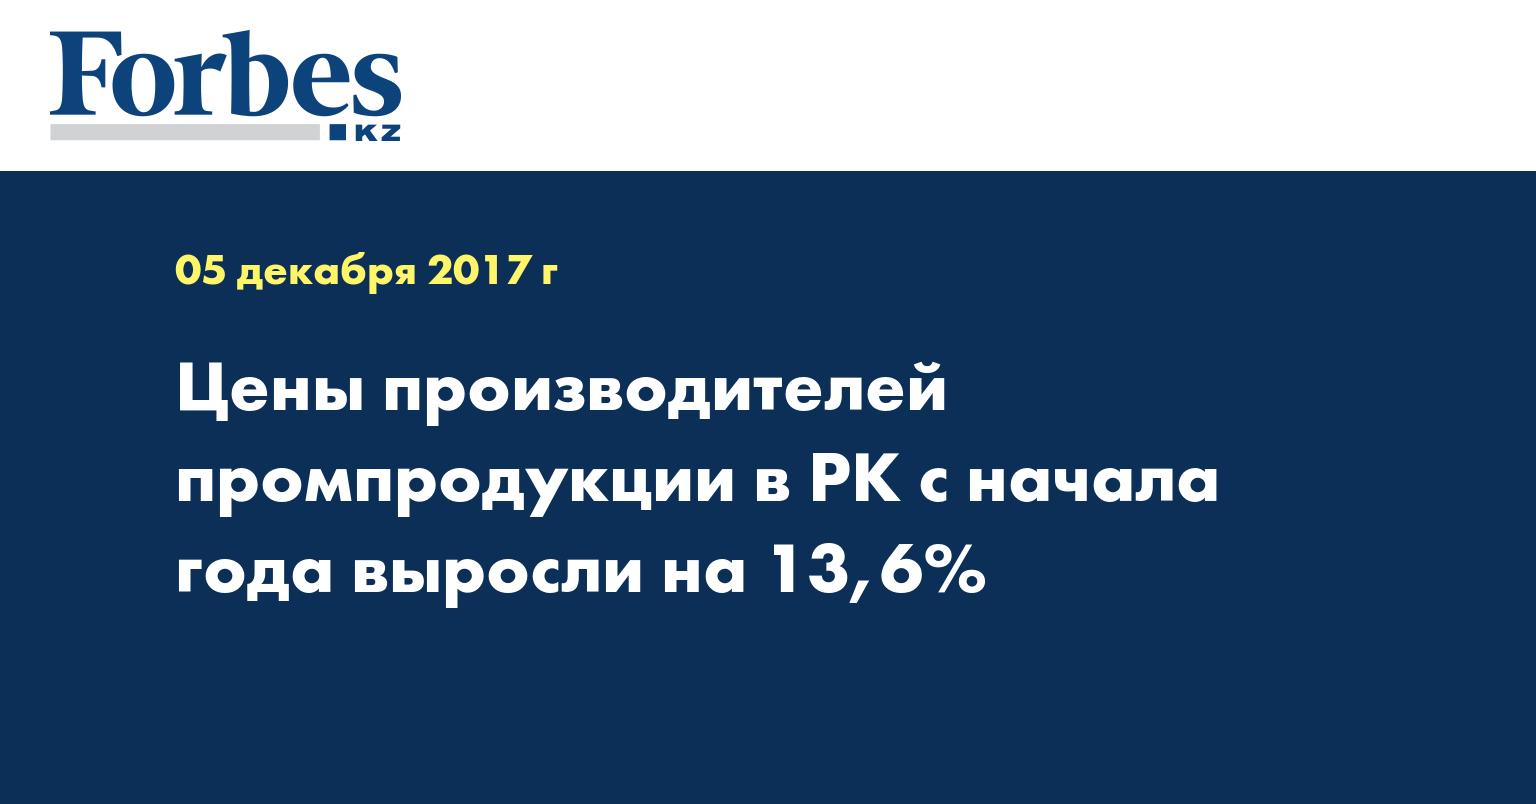 Цены производителей промпродукции в РК с начала года выросли на 13,6%